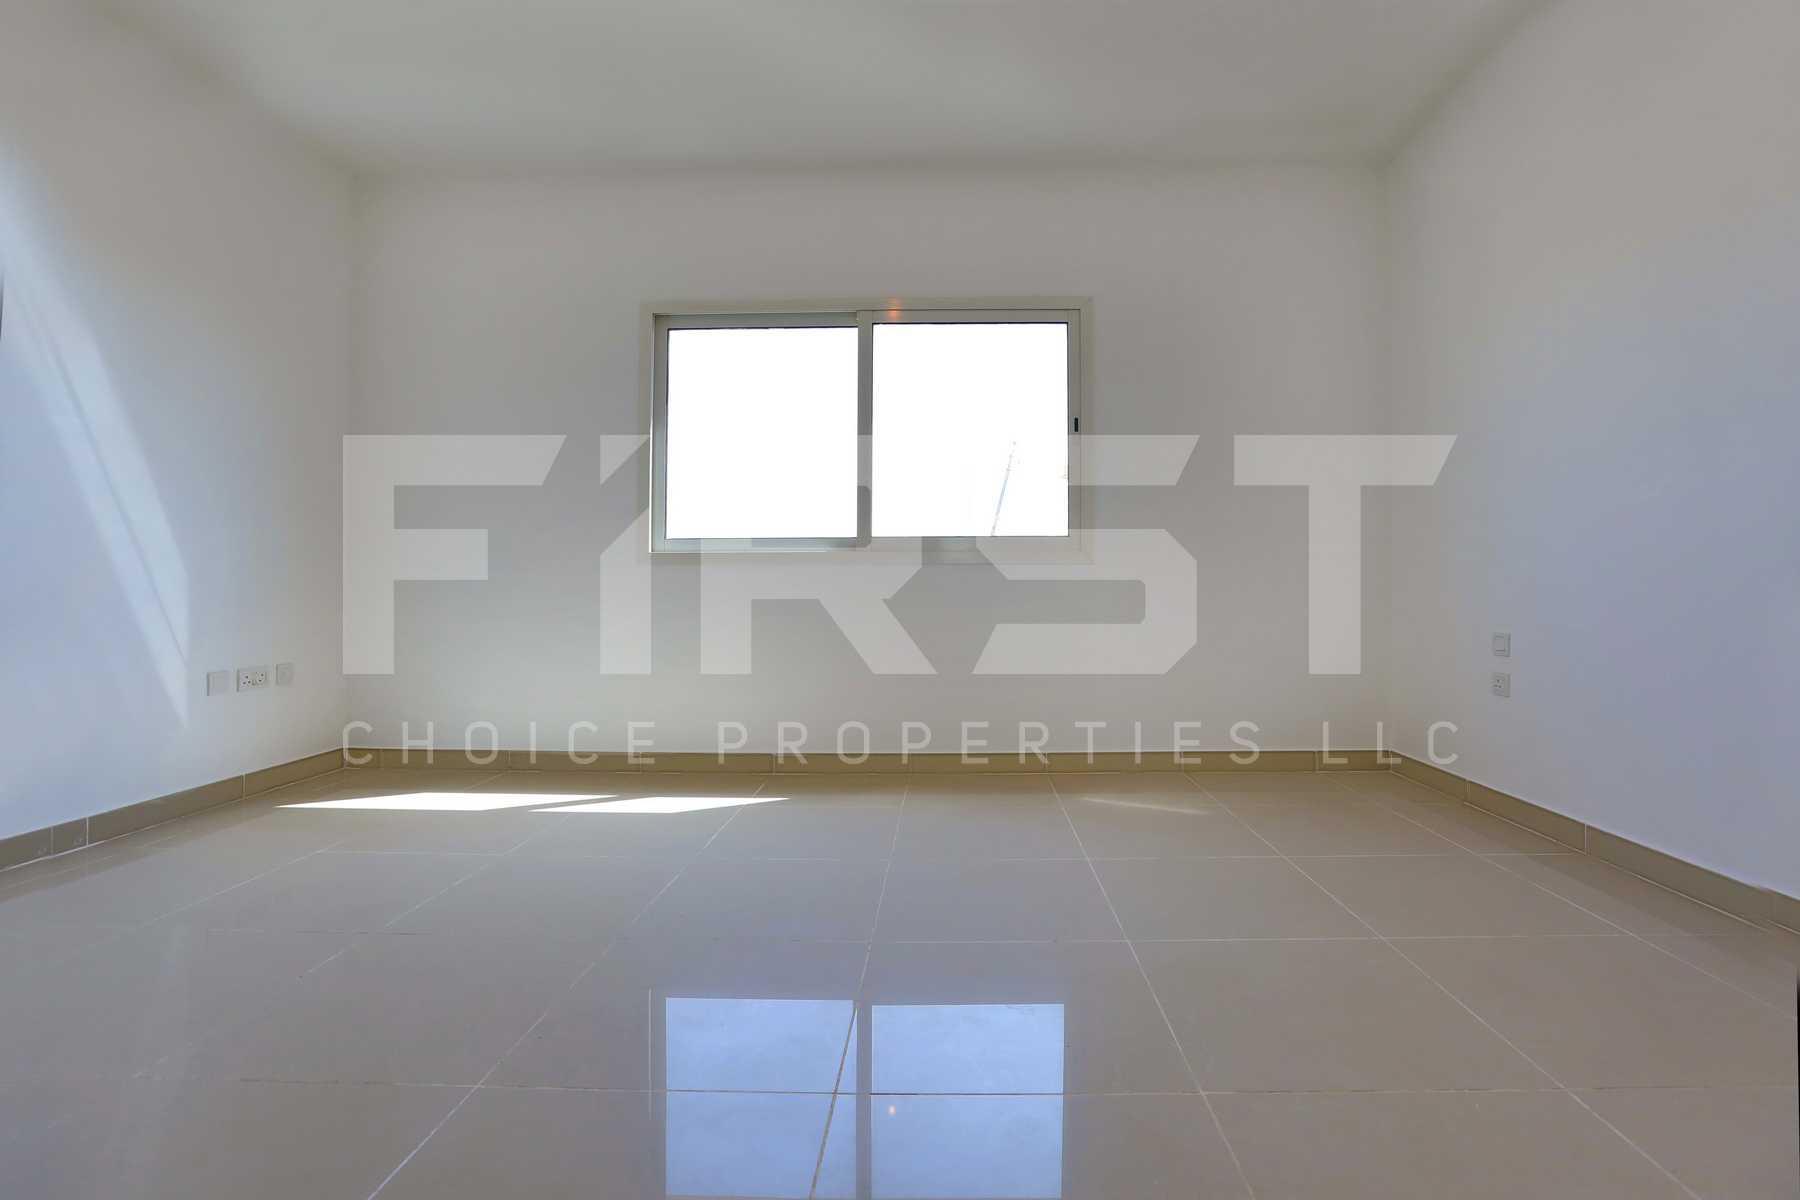 8. Internal Photo of 3 Bedroom Villa in Al Reef Villas Al Reef Abu Dhabi UAE 225.2 sq.m 2424 sq.ft (27).jpg